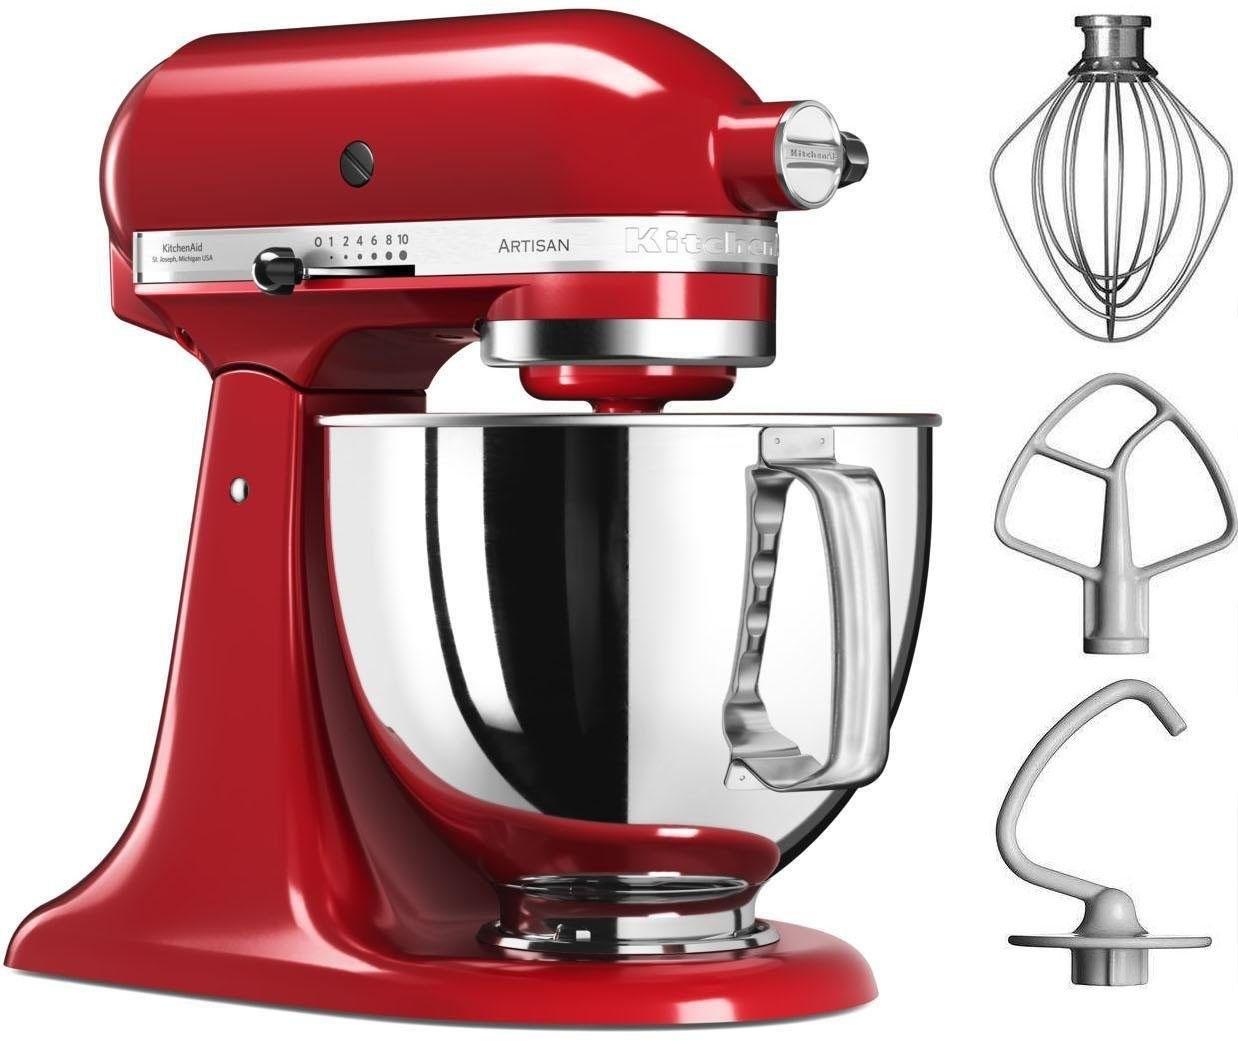 KitchenAid ® keukenmachine Artisan 5KSM125EER, 4,8 liter, 300 W, empire-rood nu online bestellen